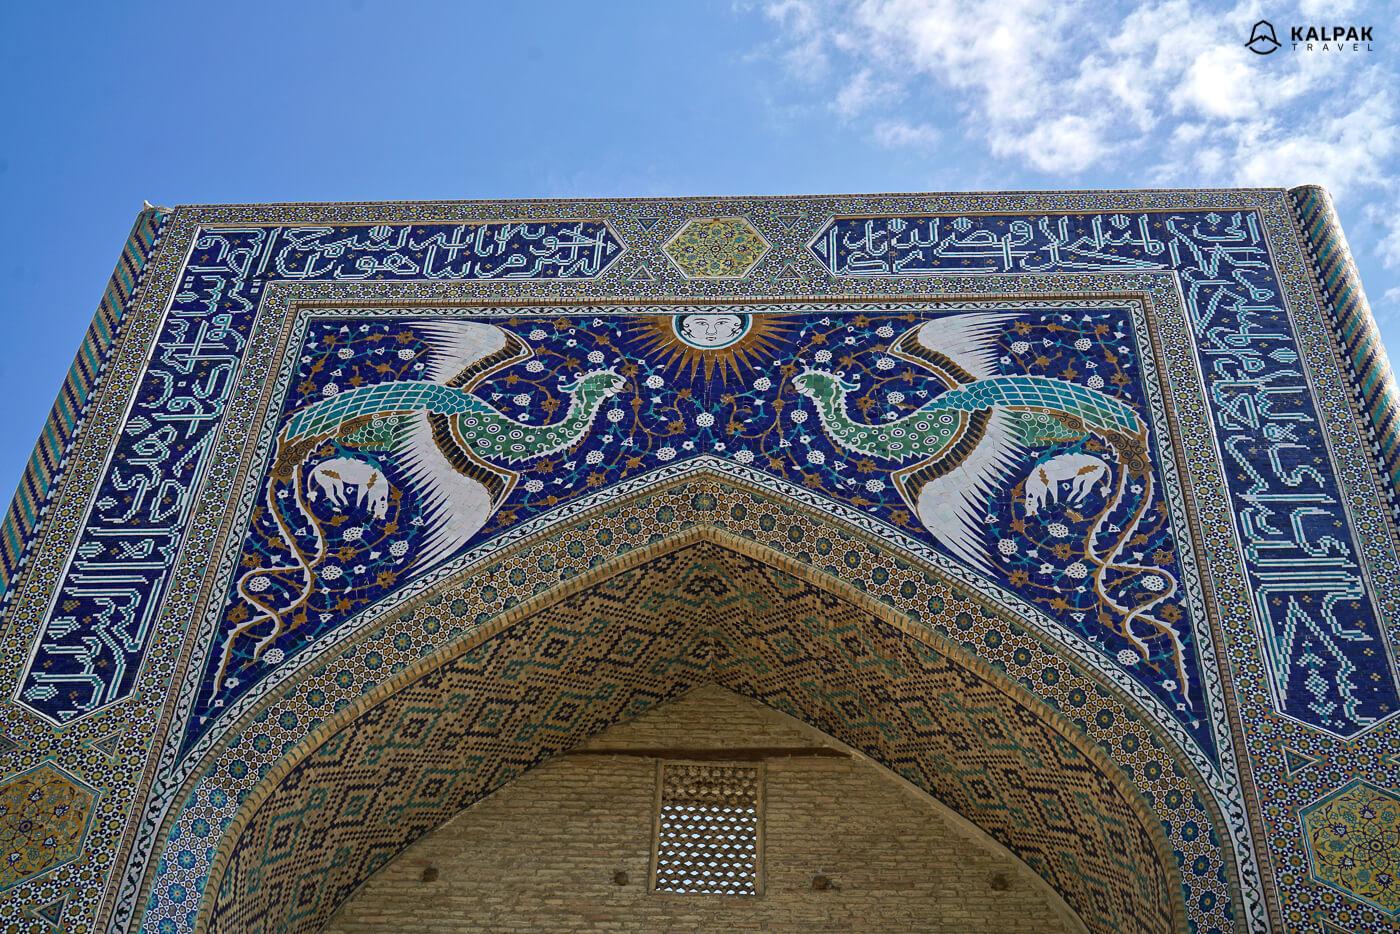 Buchara Karavansarai mosaics